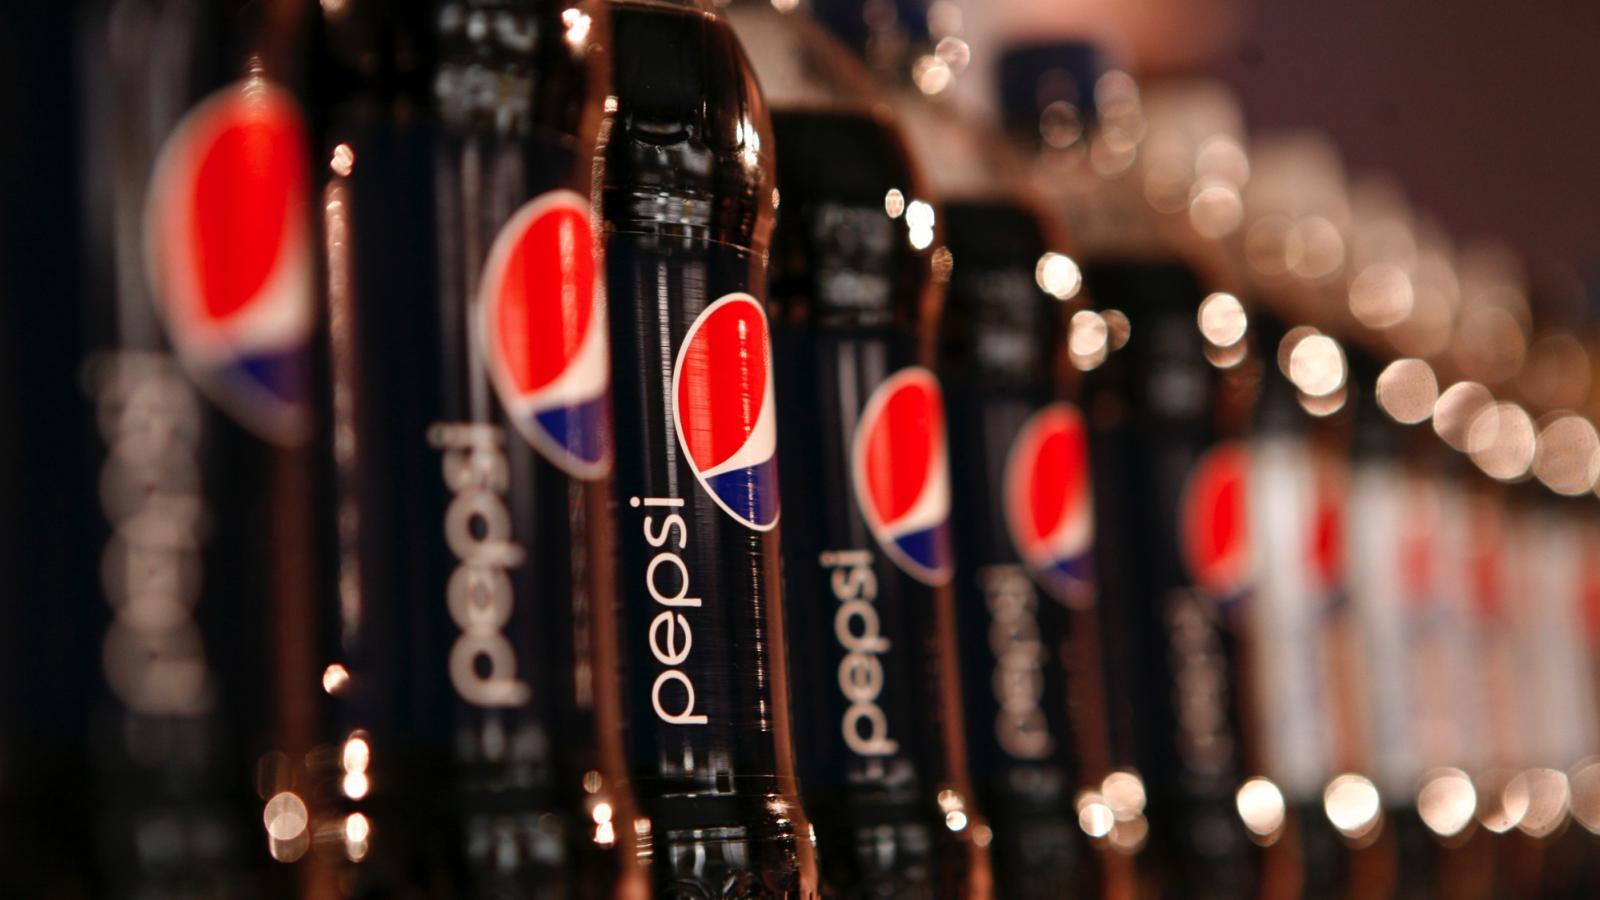 PepsiCo, Doğrudan Tüketiciye Satış Yaptığı 2 İnternet Sitesi Açtı